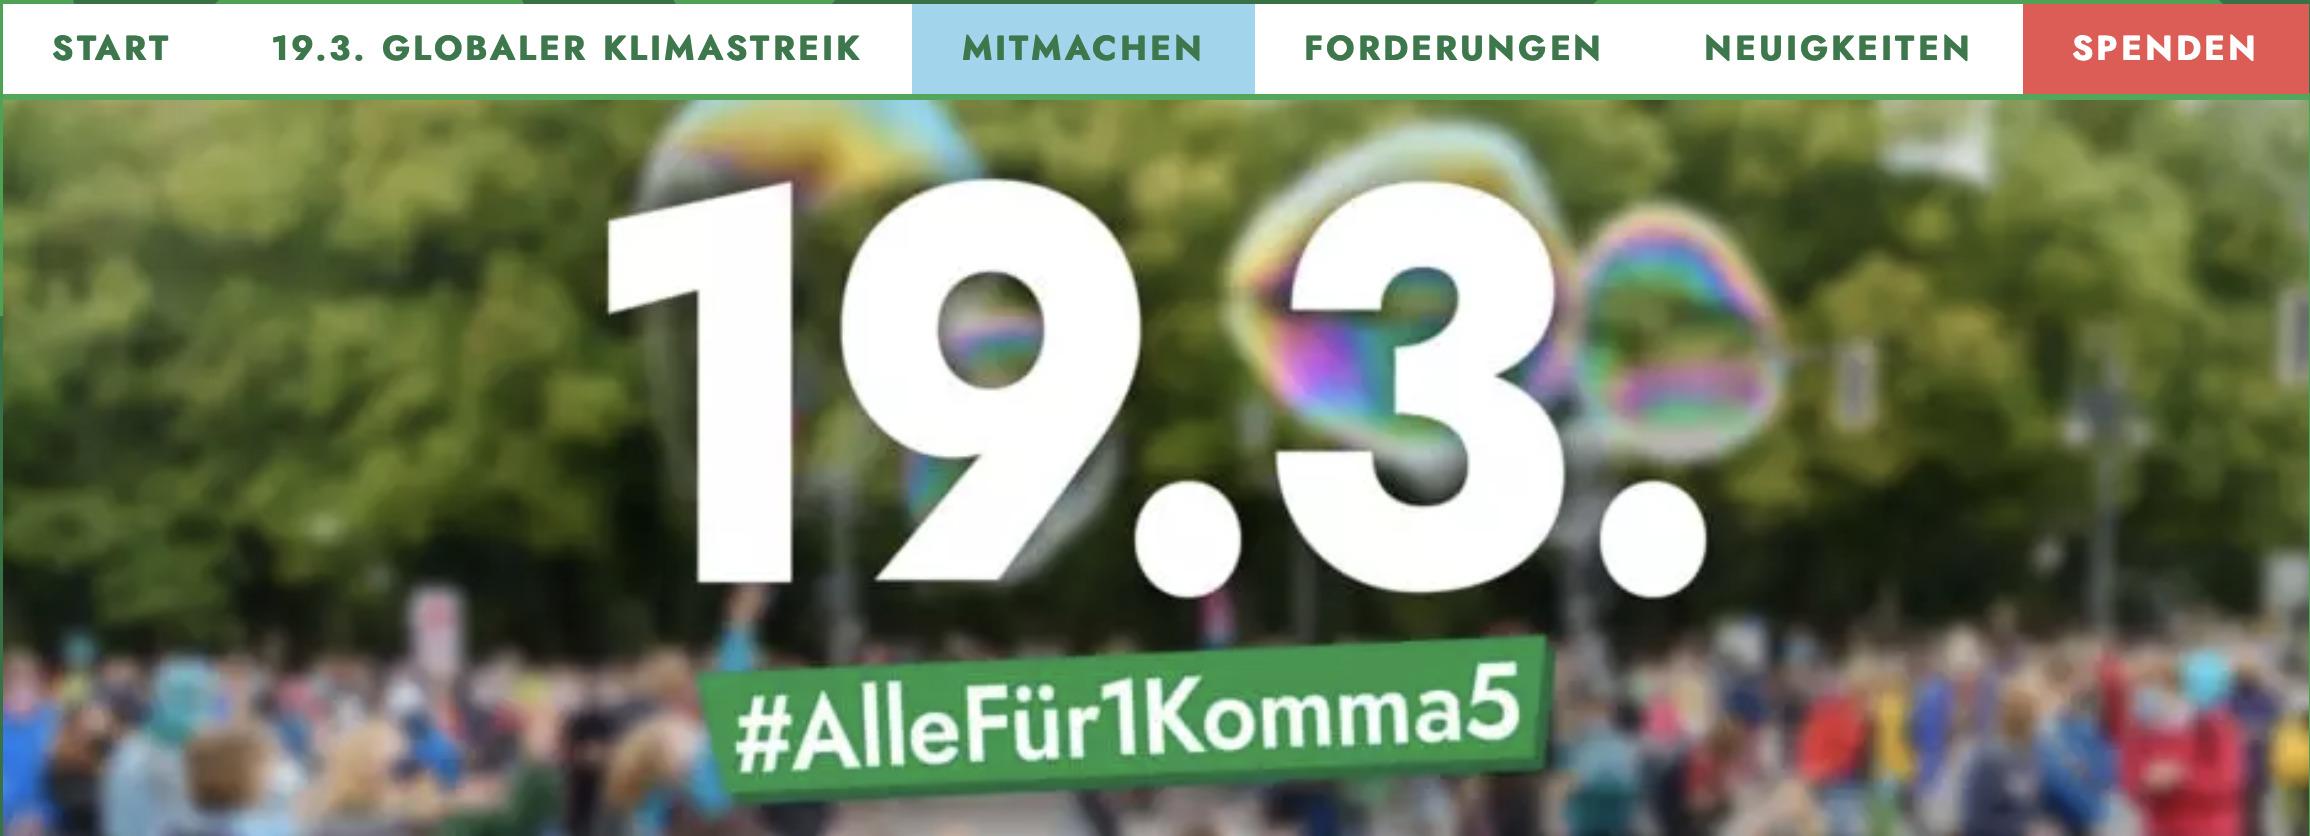 Fridays For Future Mainz ruft zu Fahrraddemo auf